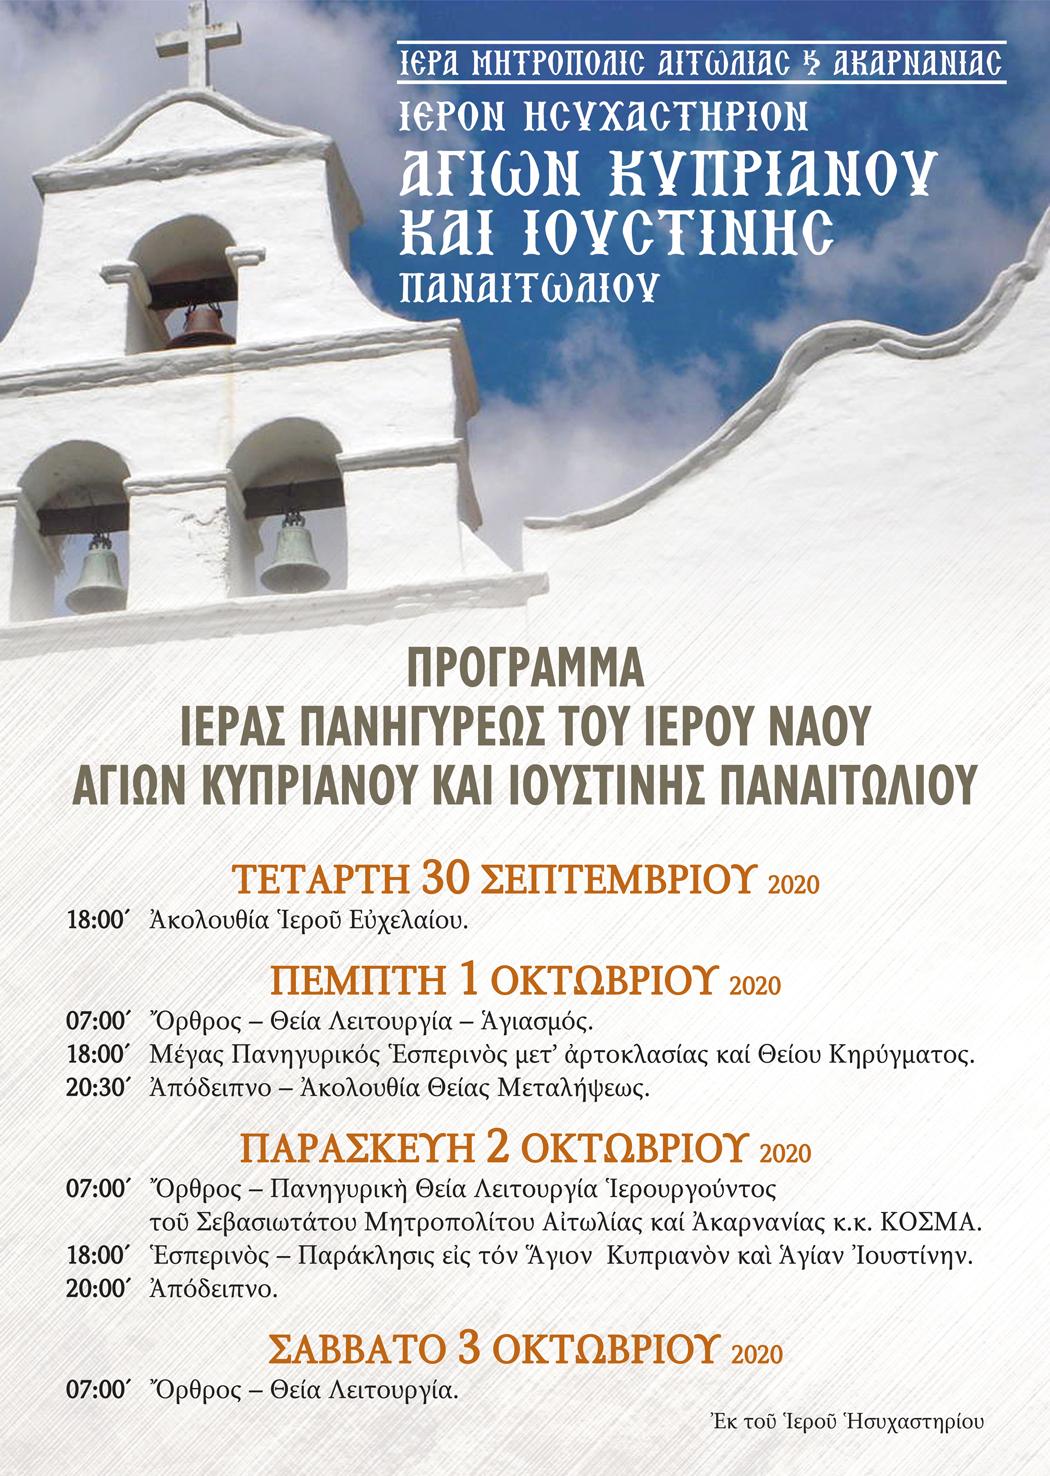 Το πρόγραμμα εορτασμού του Ησυχαστηρίου Αγίων Κυπριανού και Ιουστίνης στο Παναιτώλιο